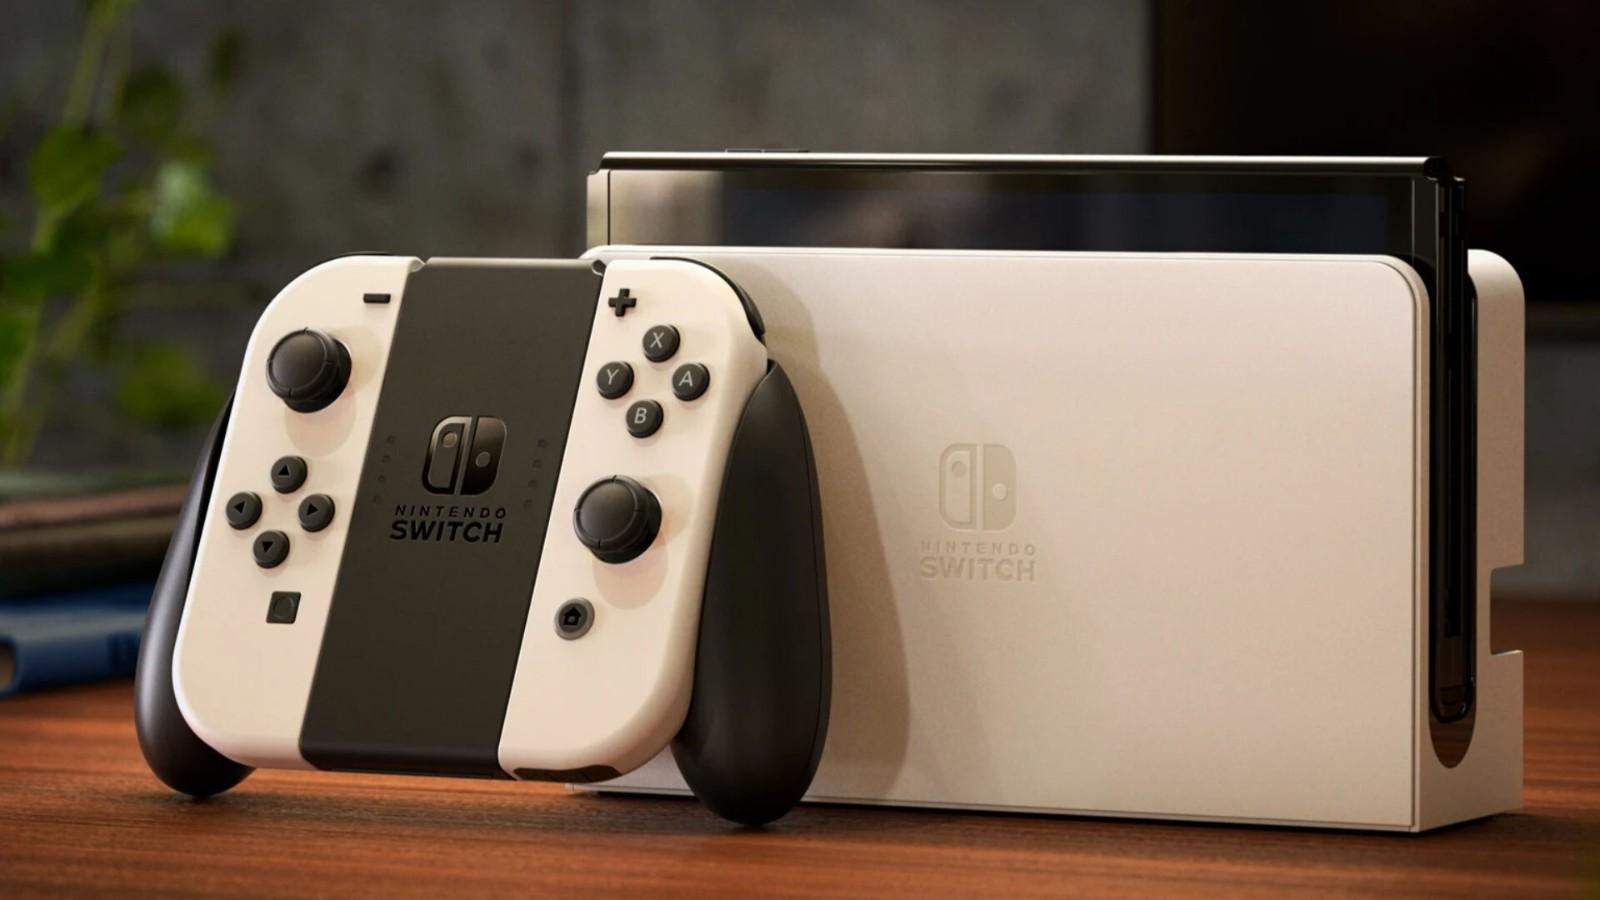 任天堂新款Switch贵了50美元 但成本价仅增加10美元